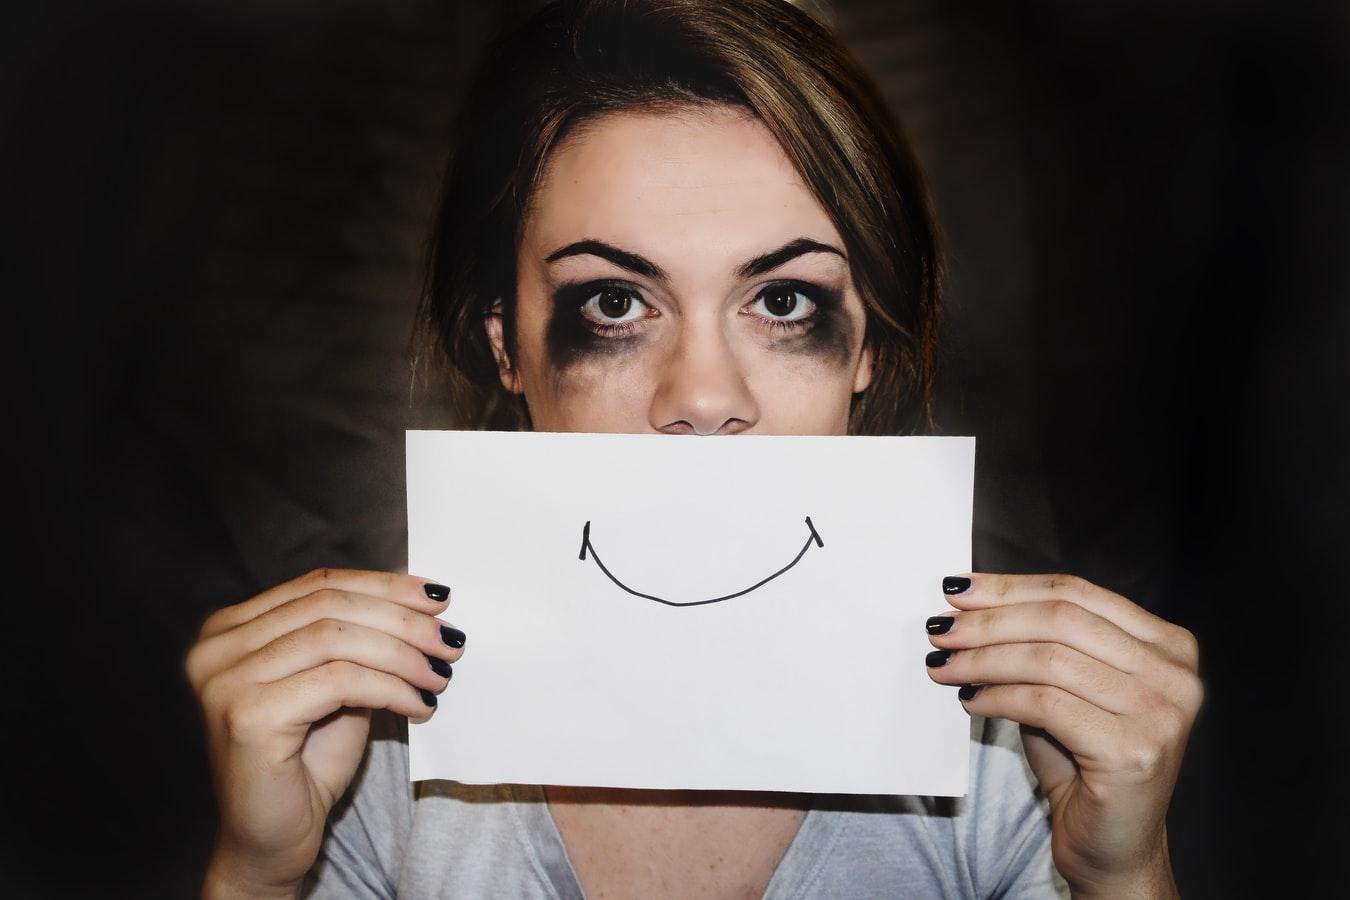 Une femme battue tenant une feuille representant un sourire contraint.